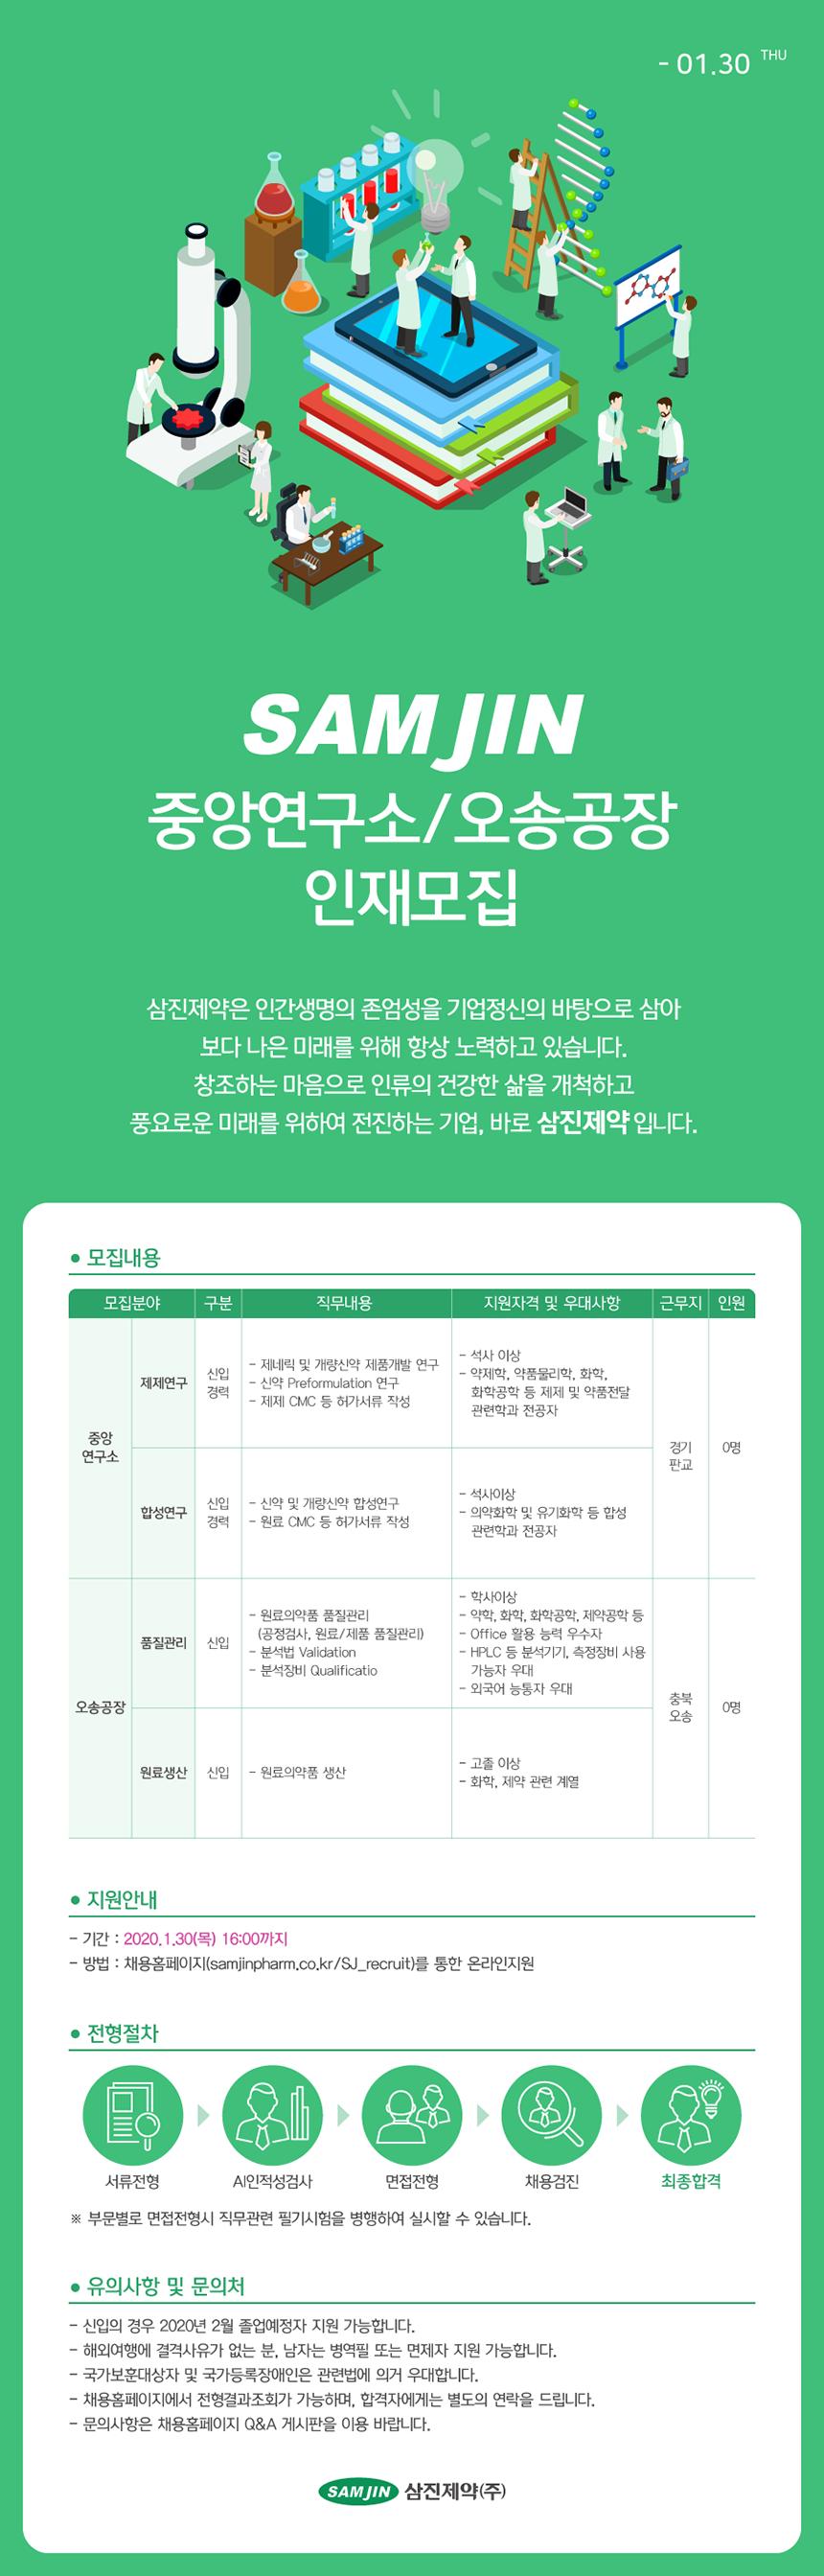 중앙연구소/오송공장 인재모집